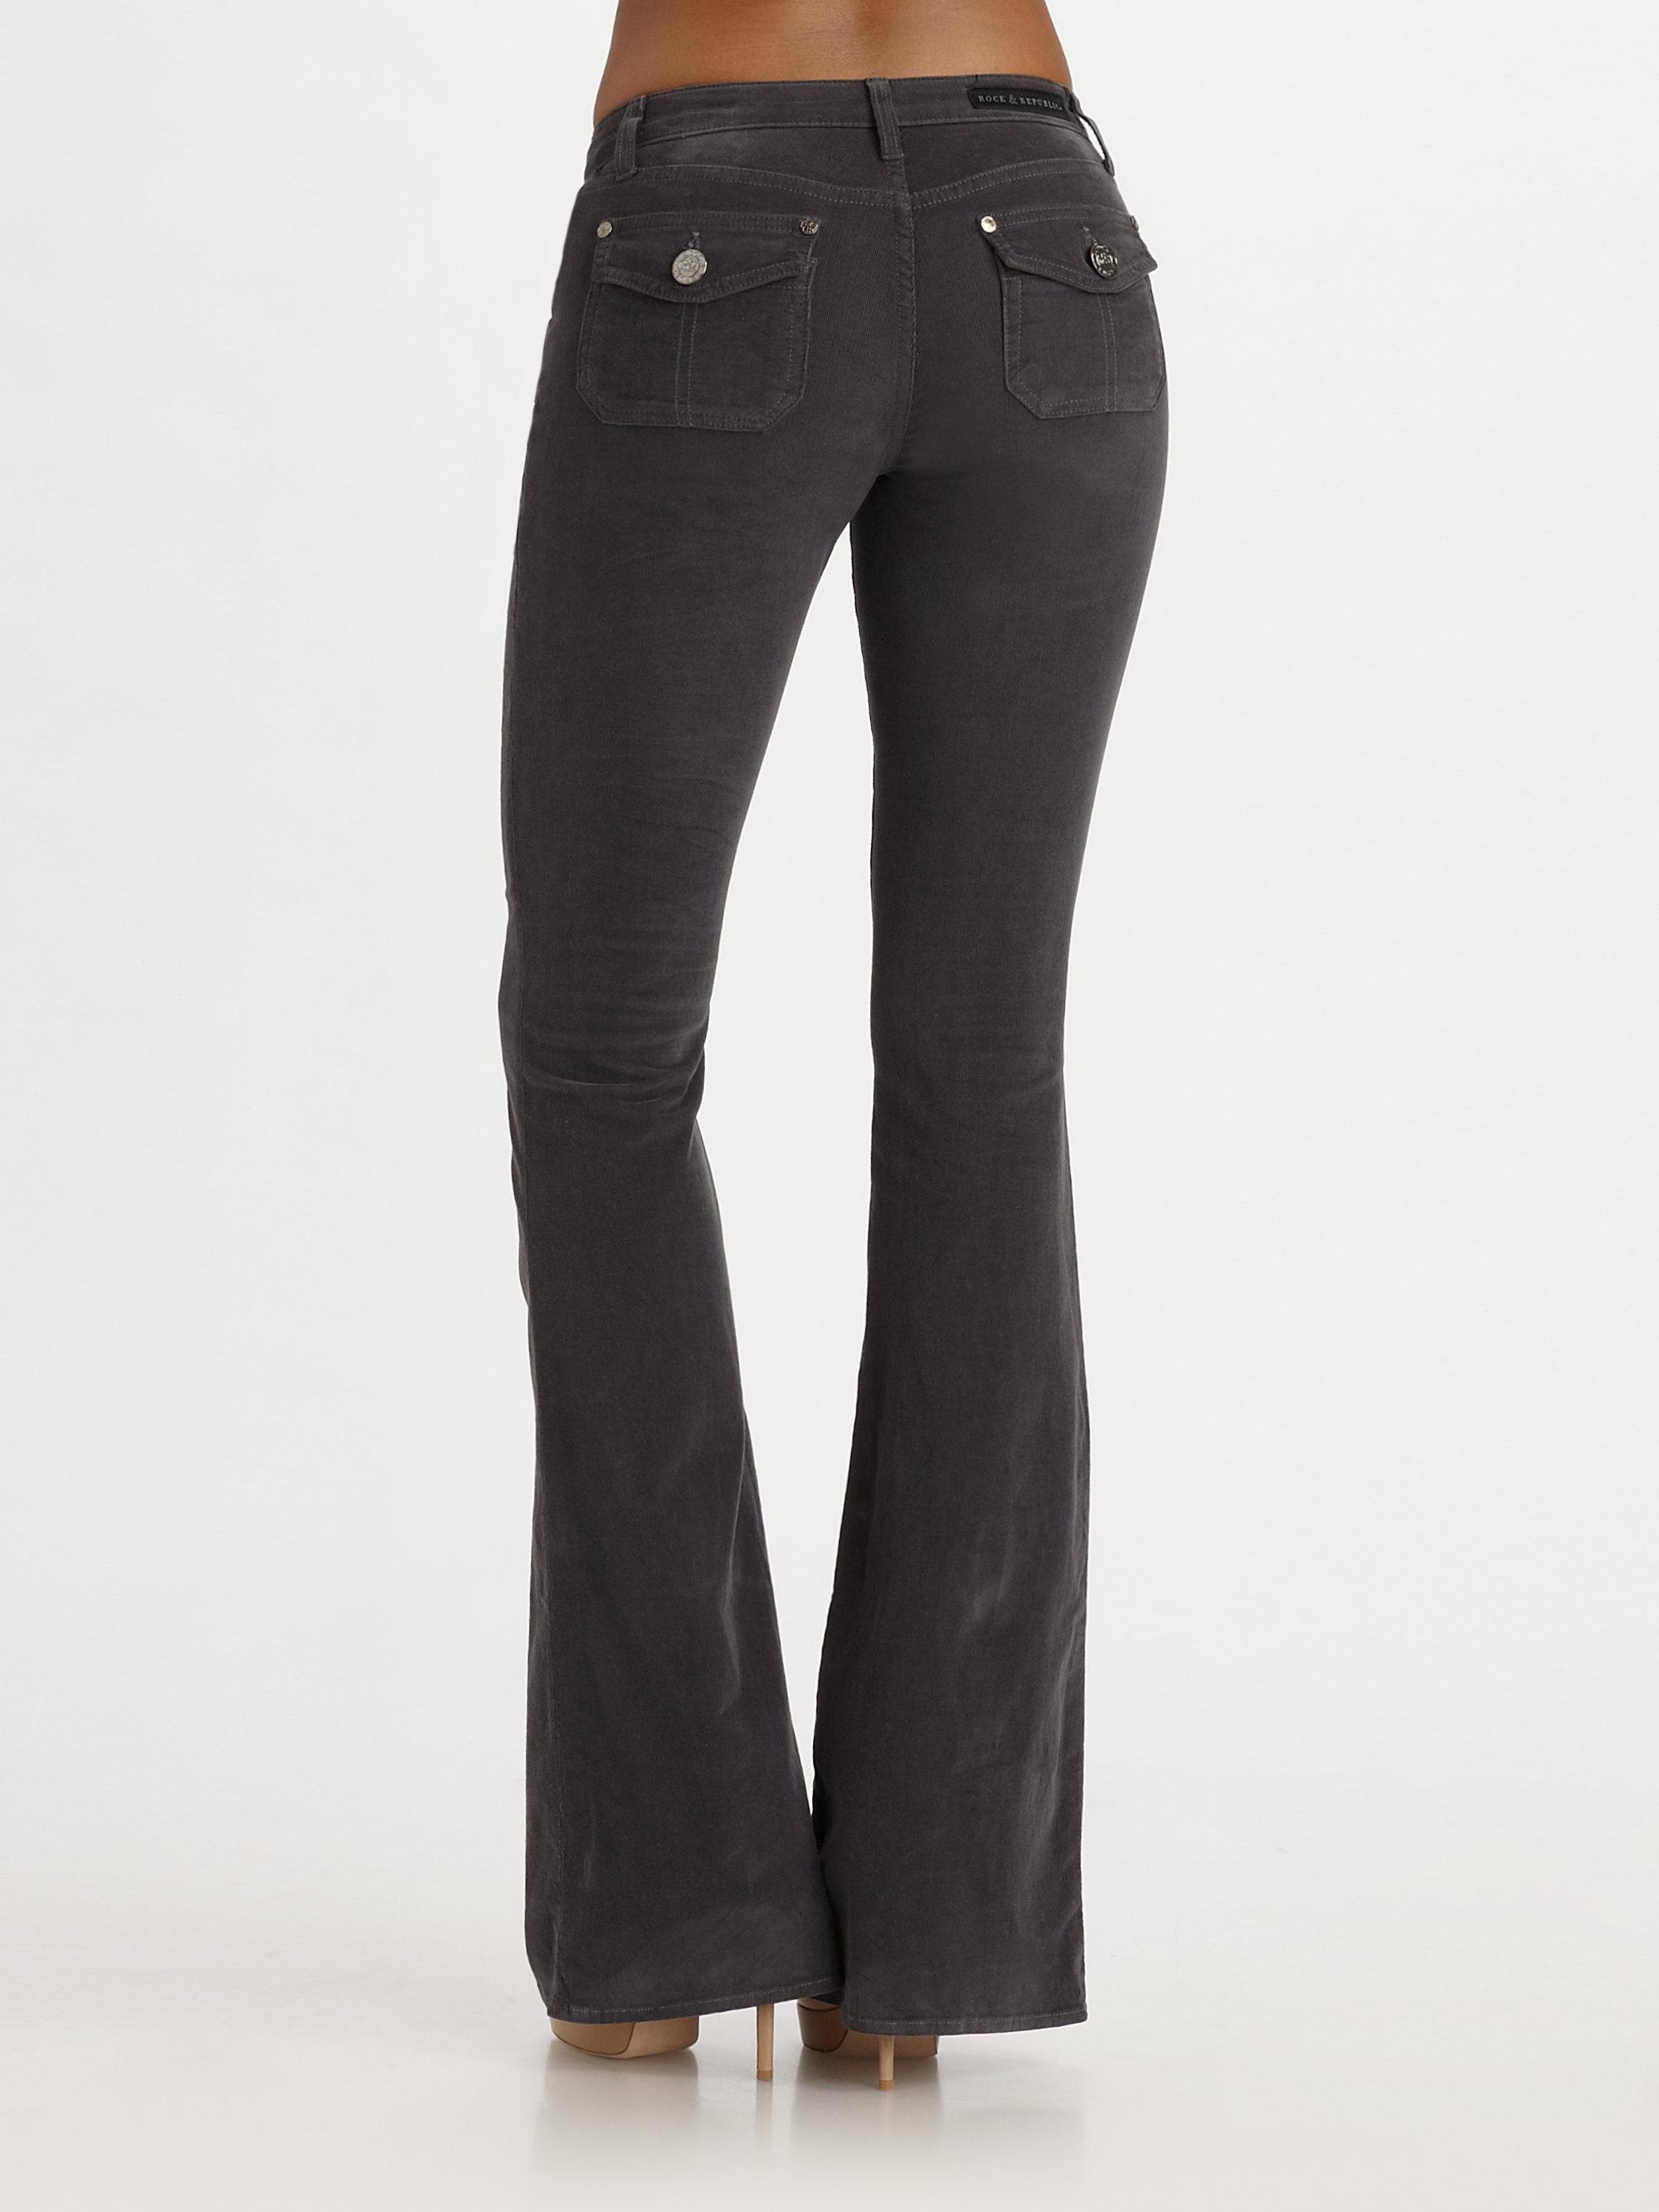 Rock  Republic Womens Elizabeth Utility Flare Jeans In Grey Black - Lyst-6131